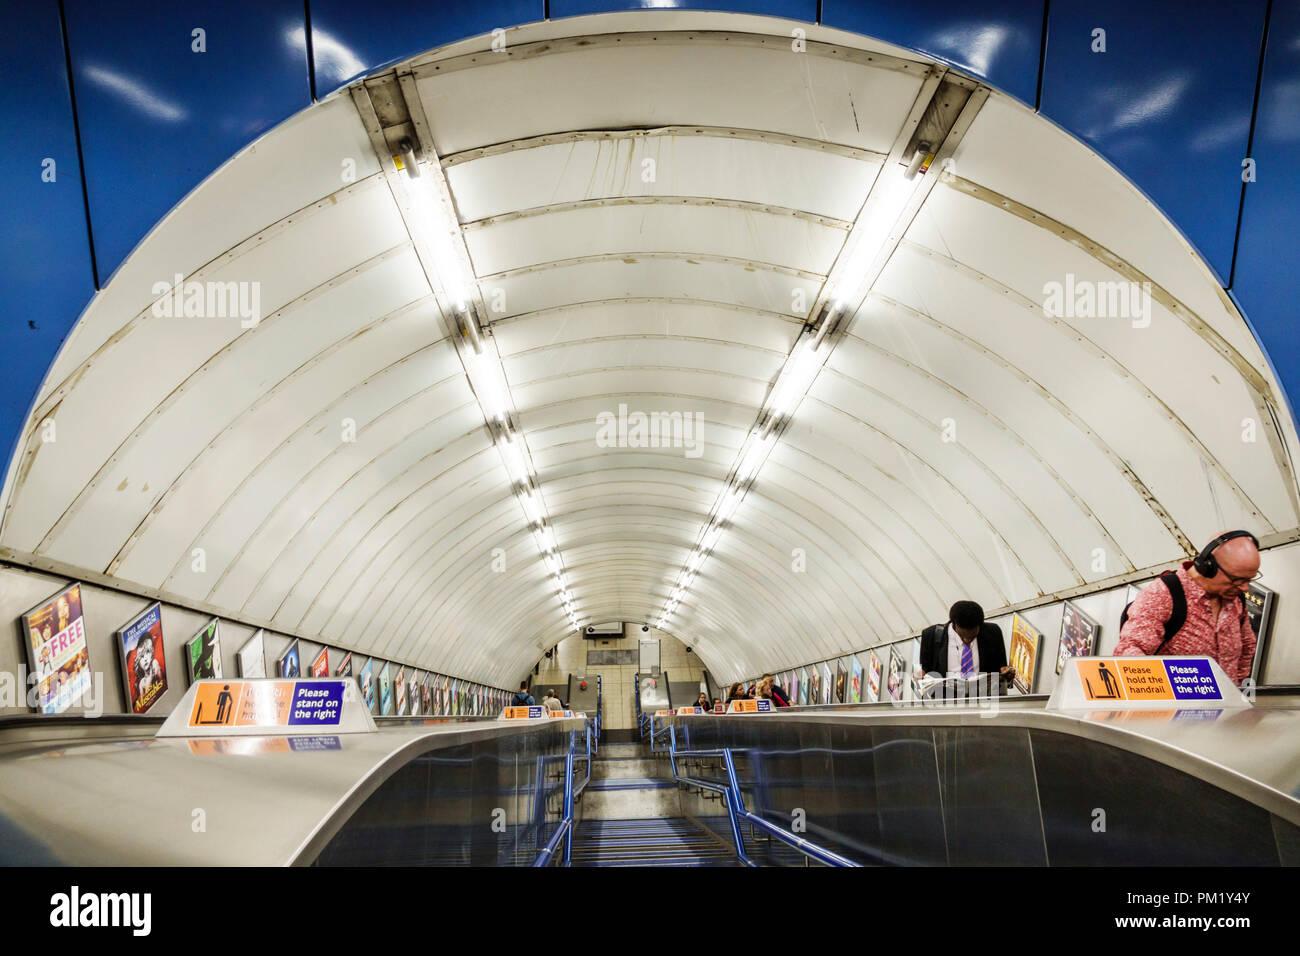 London England Great Britain United Kingdom Charing Cross Underground Station subway tube public transportation inside escalator man - Stock Image